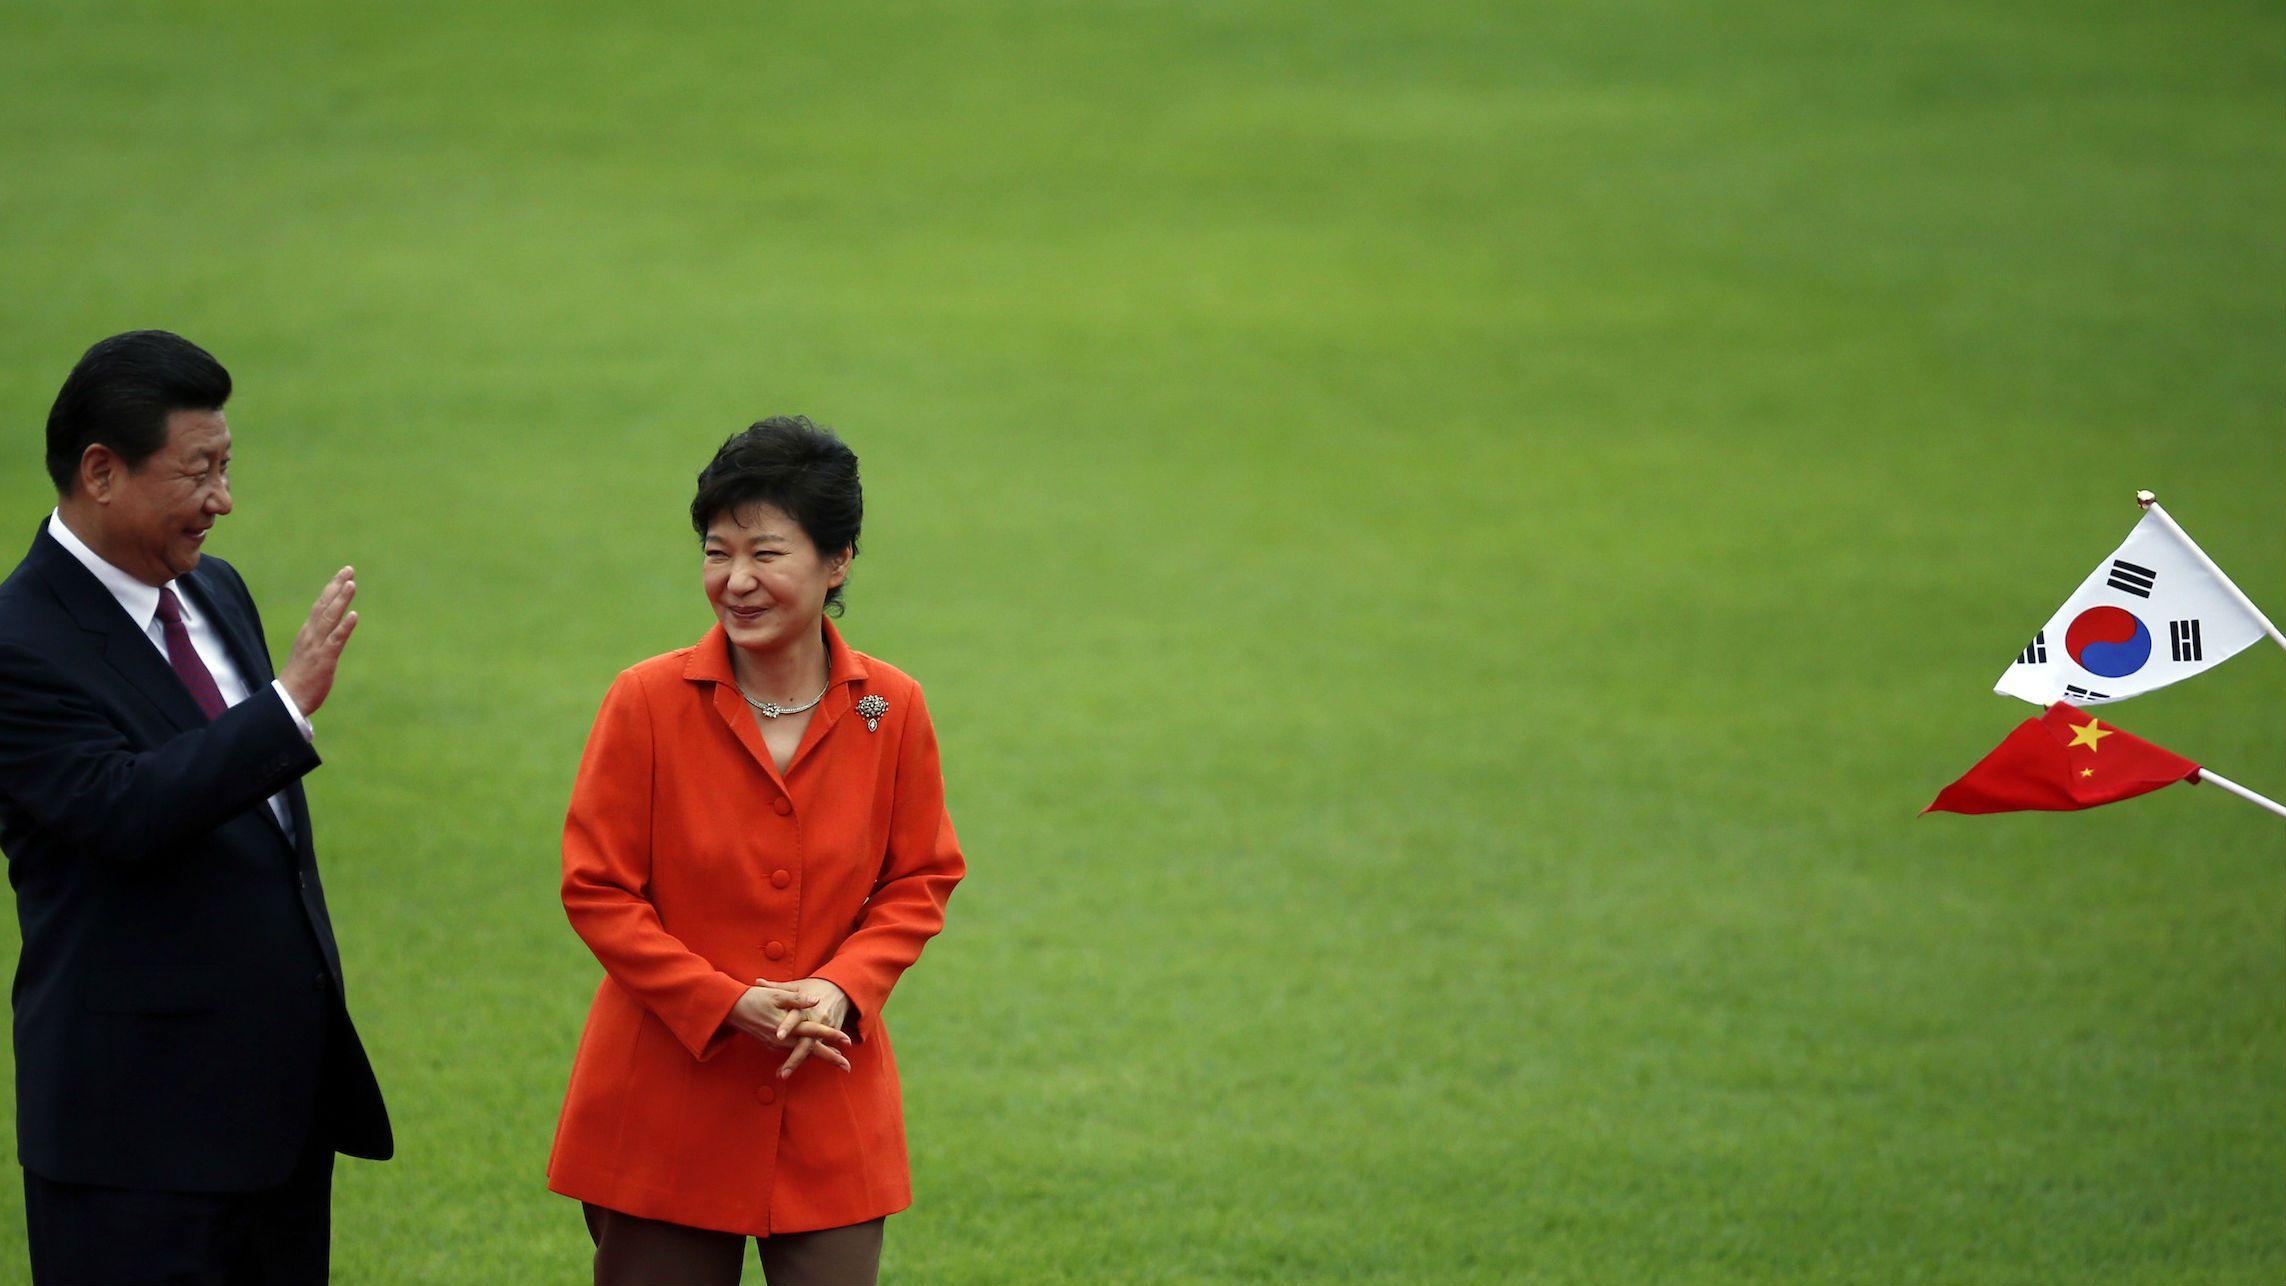 Xi jinping and Park Geun-hye